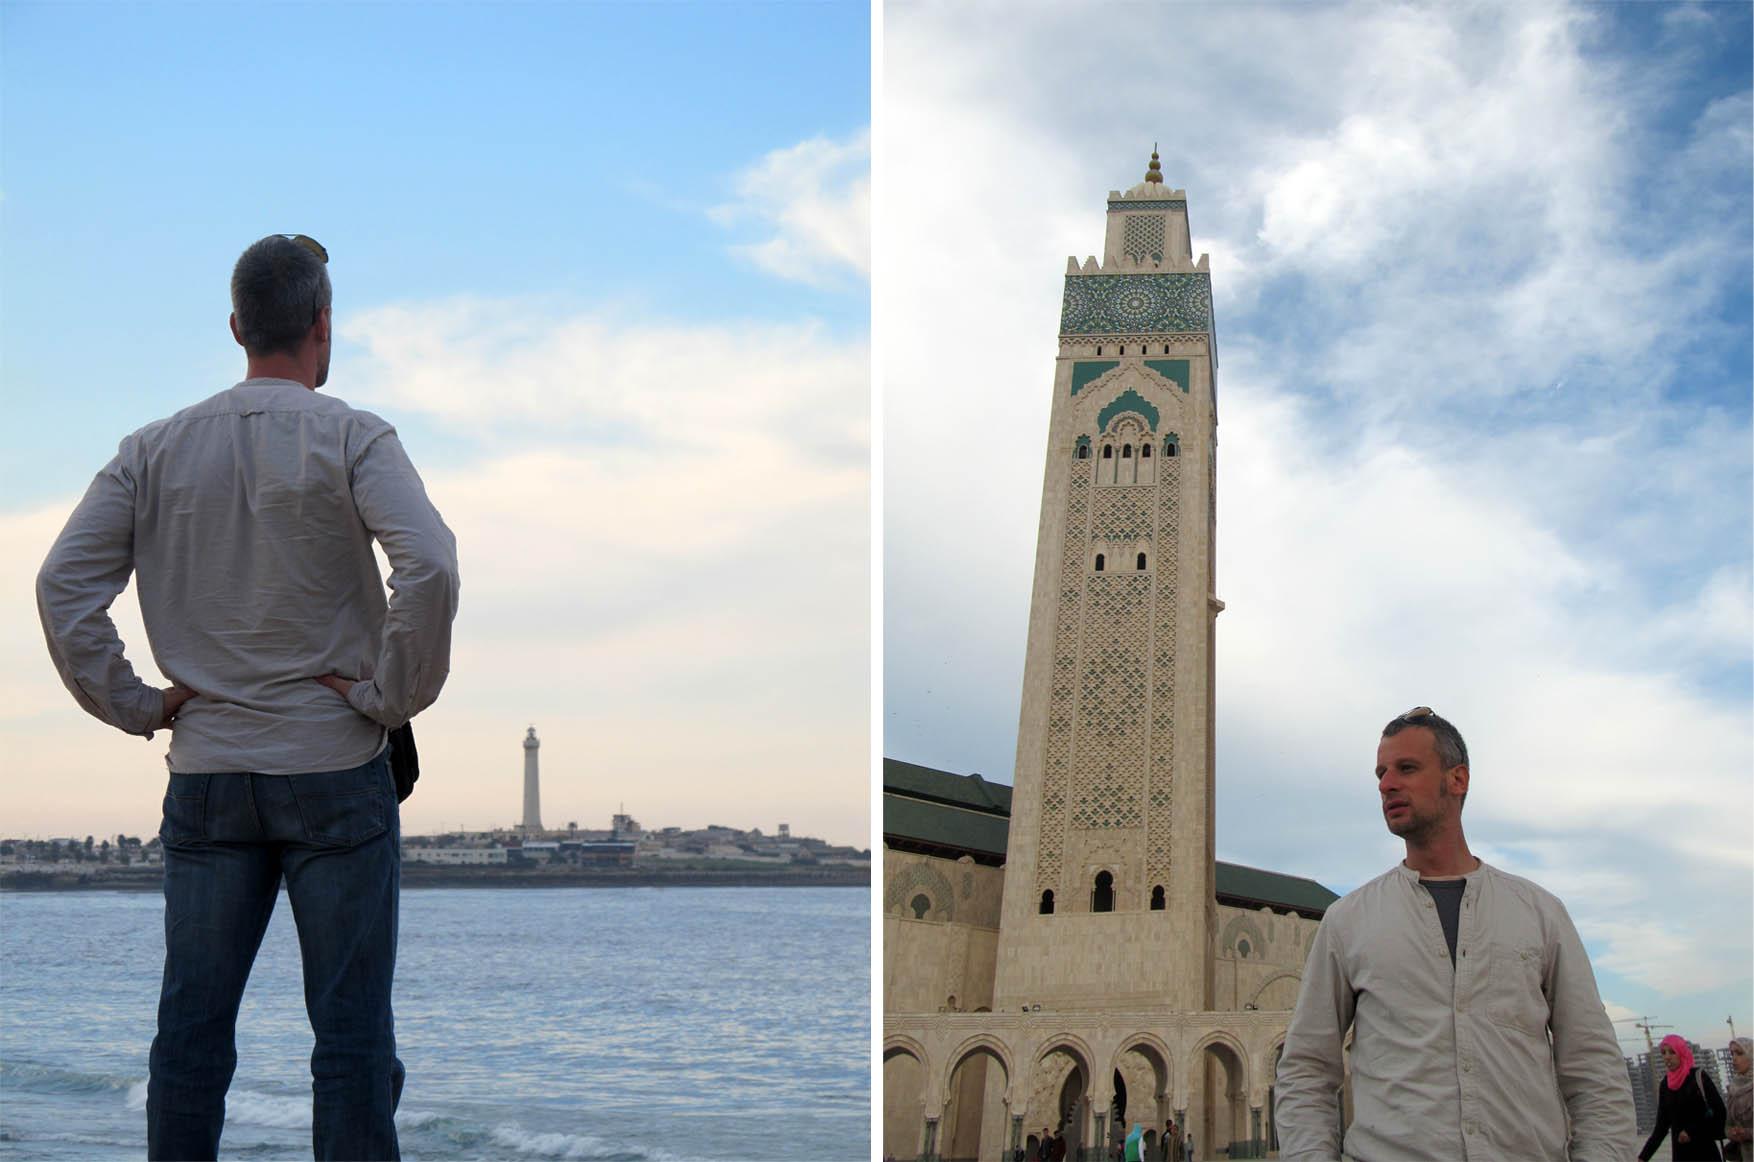 77 maroko kazablanka velika dzamija bojan